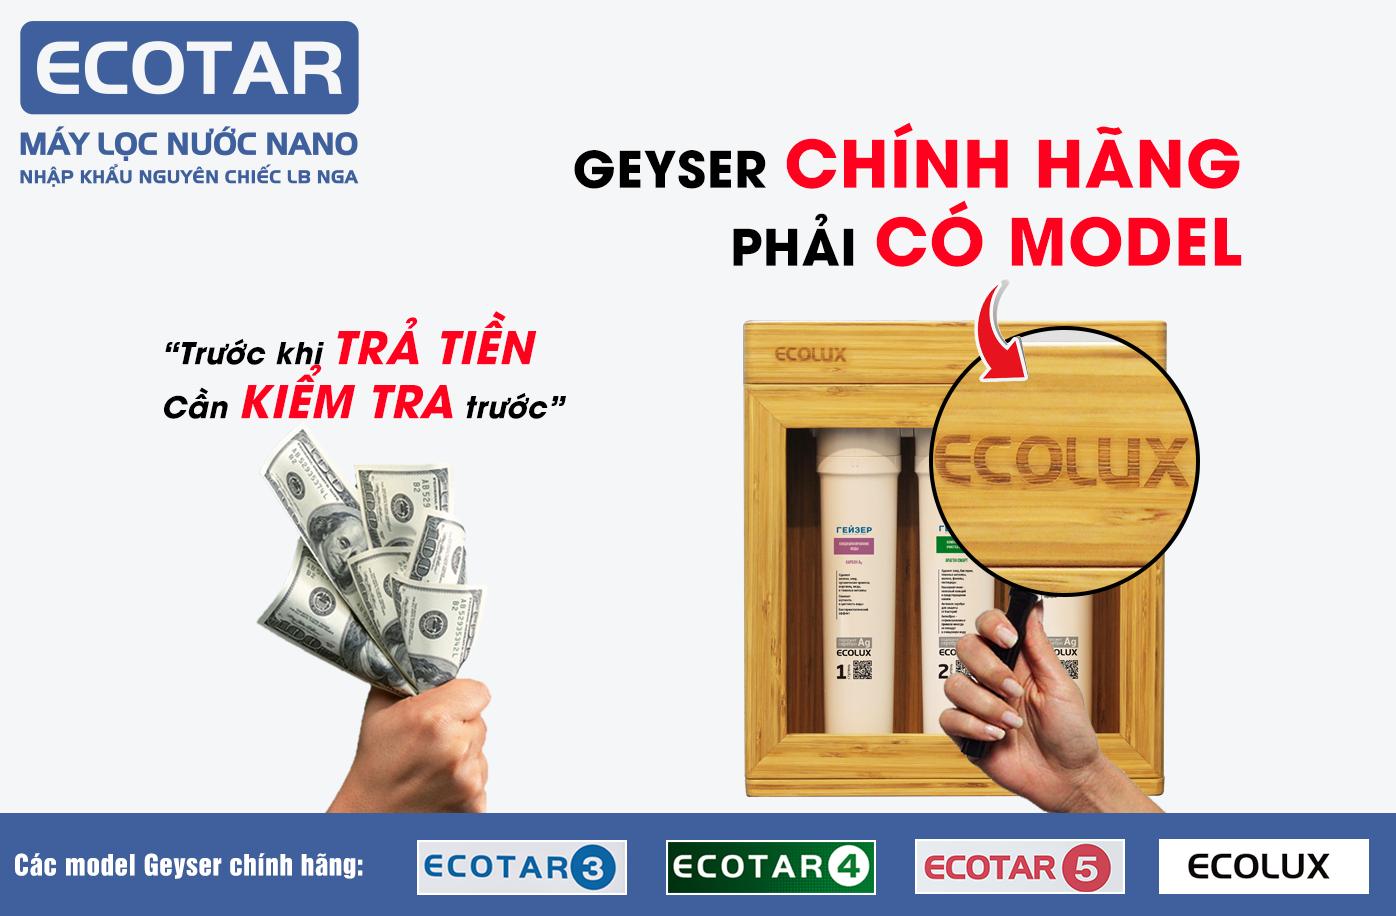 kiểm tra chính hãng máy lọc nước nano Geyser Ecolux